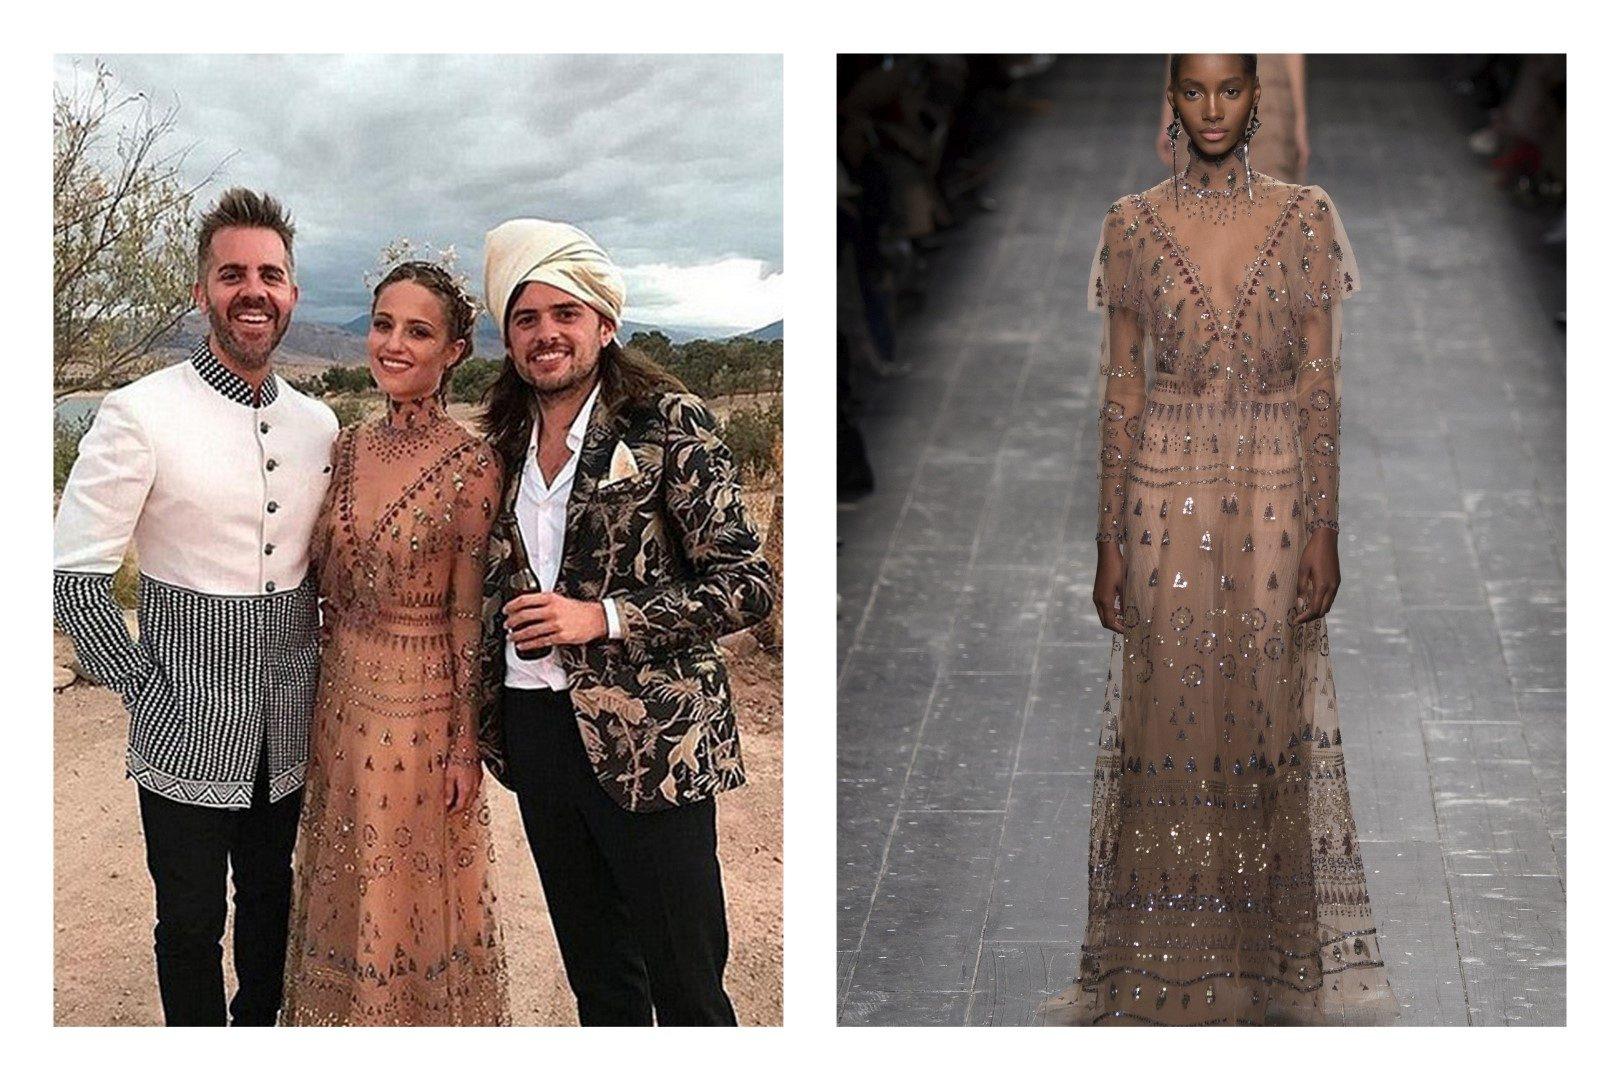 ,sztáresküvő,Dianna Agron esküvő,Dianna Agron Winston Marshall,sivatag,sivatagi esküvő,marokkó,marokkói esküvő,marokkói sivatag,esküvő sivatagban,különleges esküvői helyszínek,indiai esküvő,arab esküvő,hagyományok,